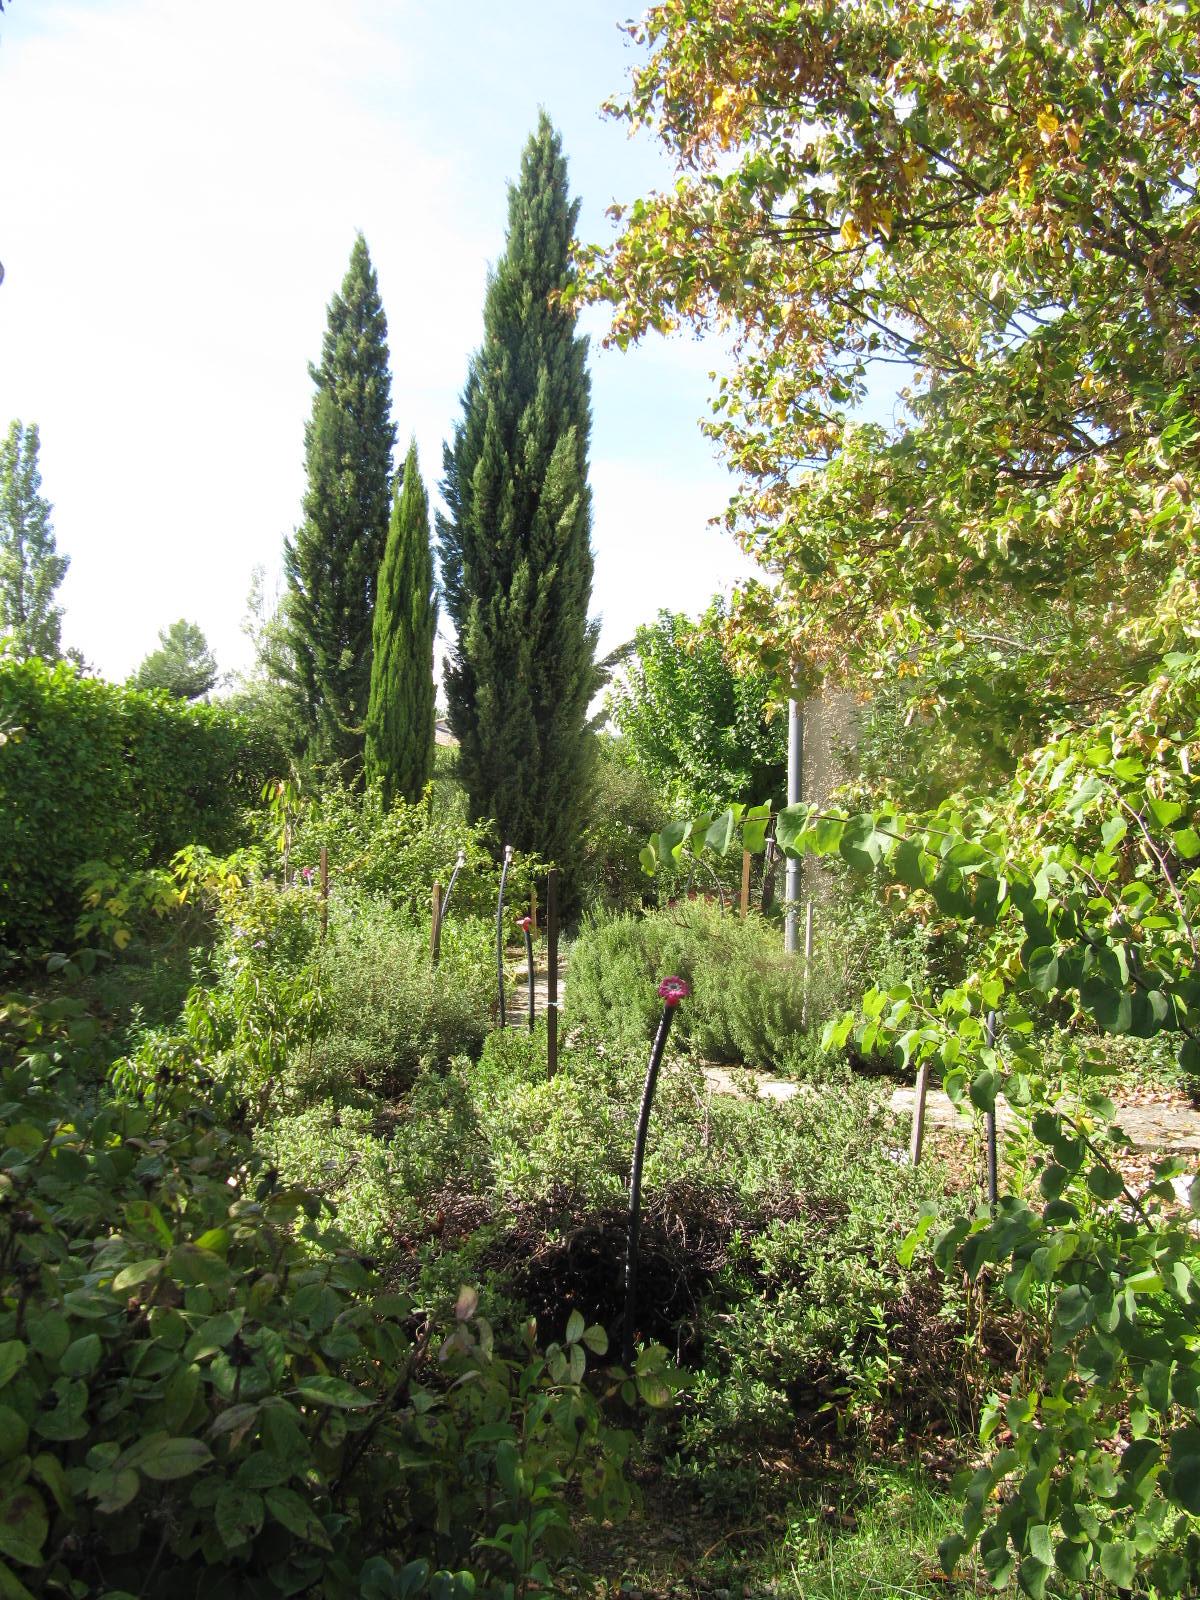 en-cheminant-dans-mon-jardin-vous-irez-de-surprise-en-surprise-il-y-a-meme-des-haltes-pour-rever-4-20151207-1674948247AEBF44A9-0202-4C00-7A08-D75C26F024DF.jpg